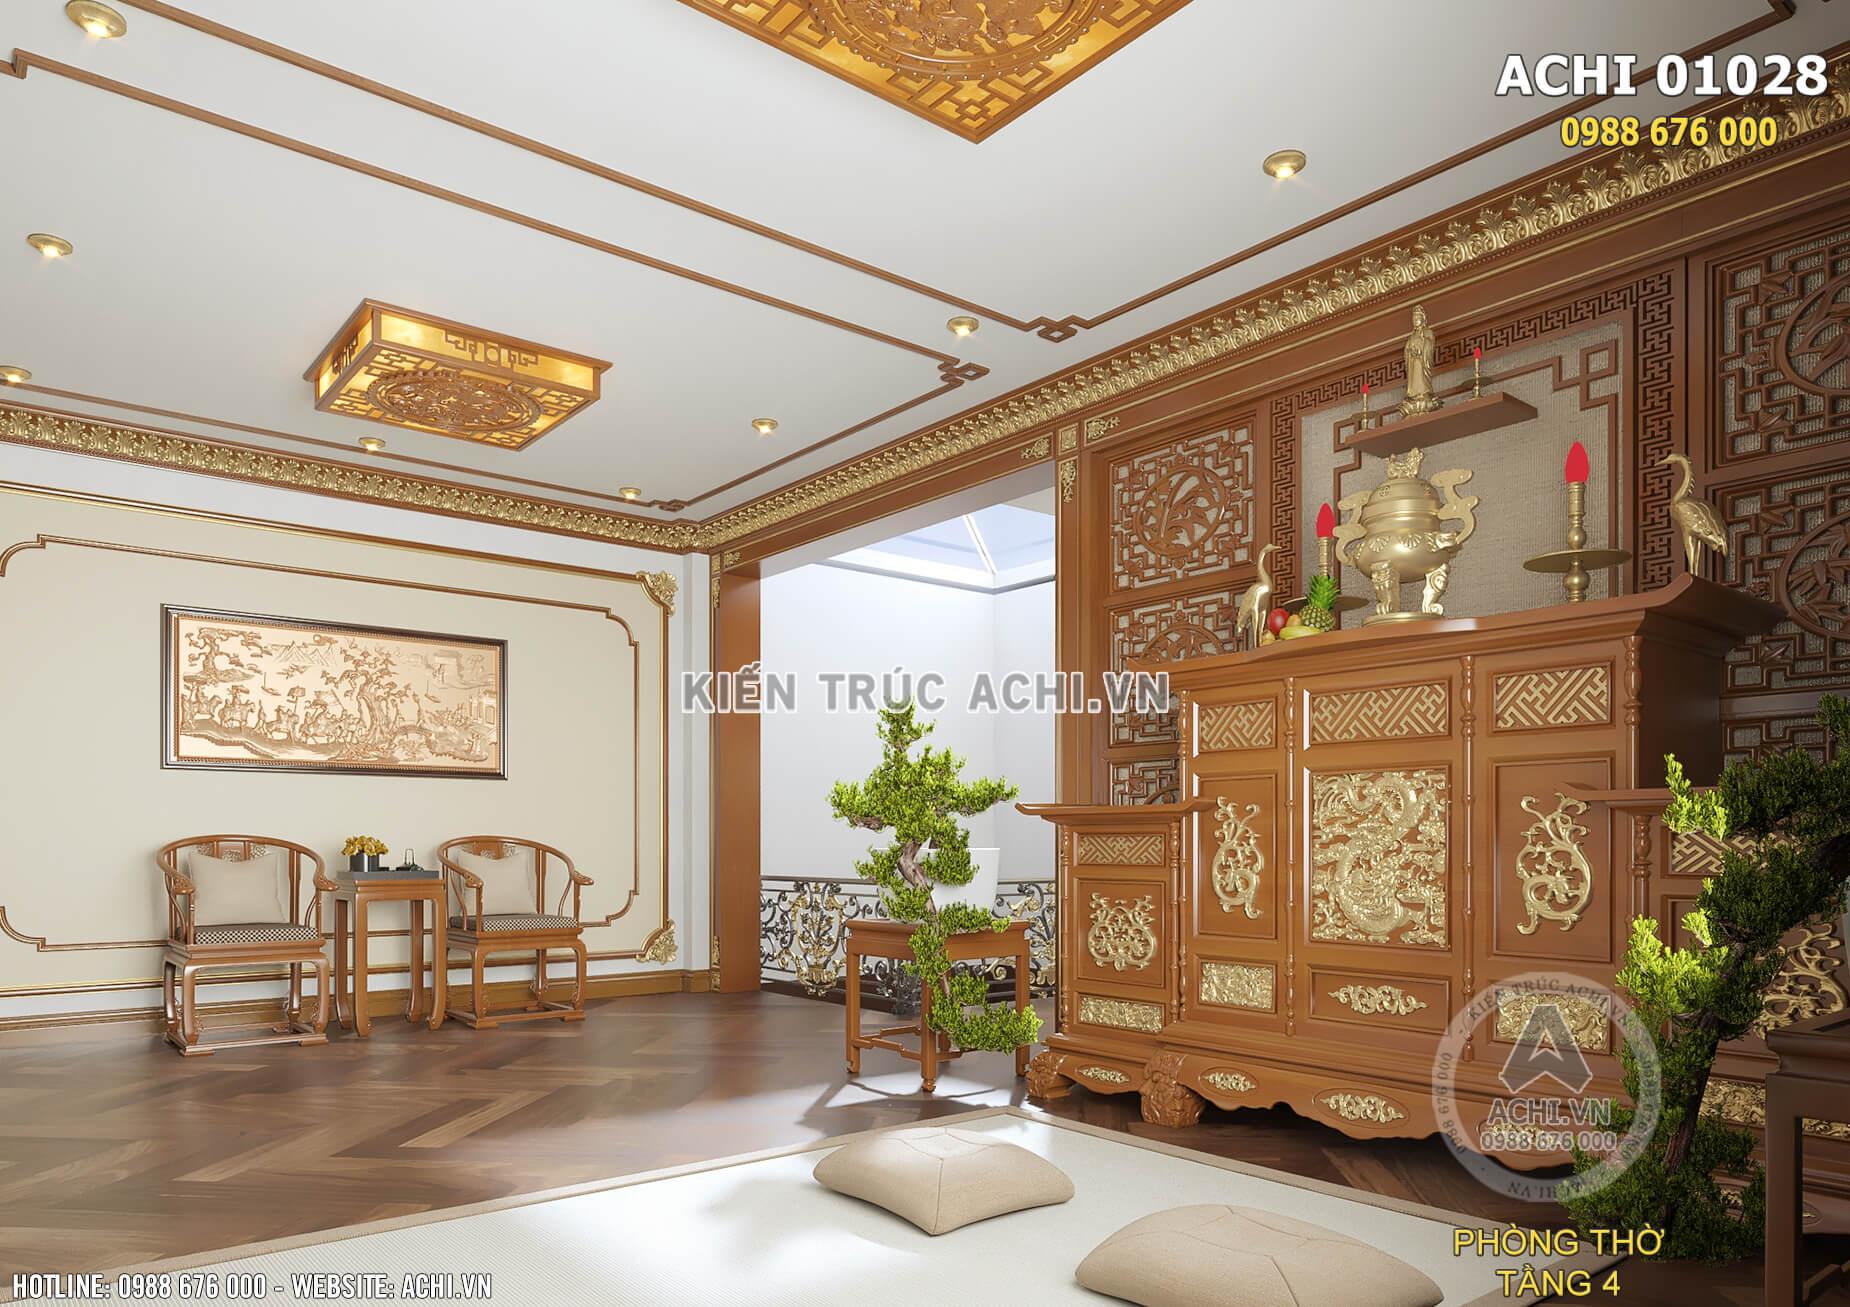 Thiết kế nội thất phòng thờ tân cổ điển sang trọng, thanh nhã và thoáng rộng